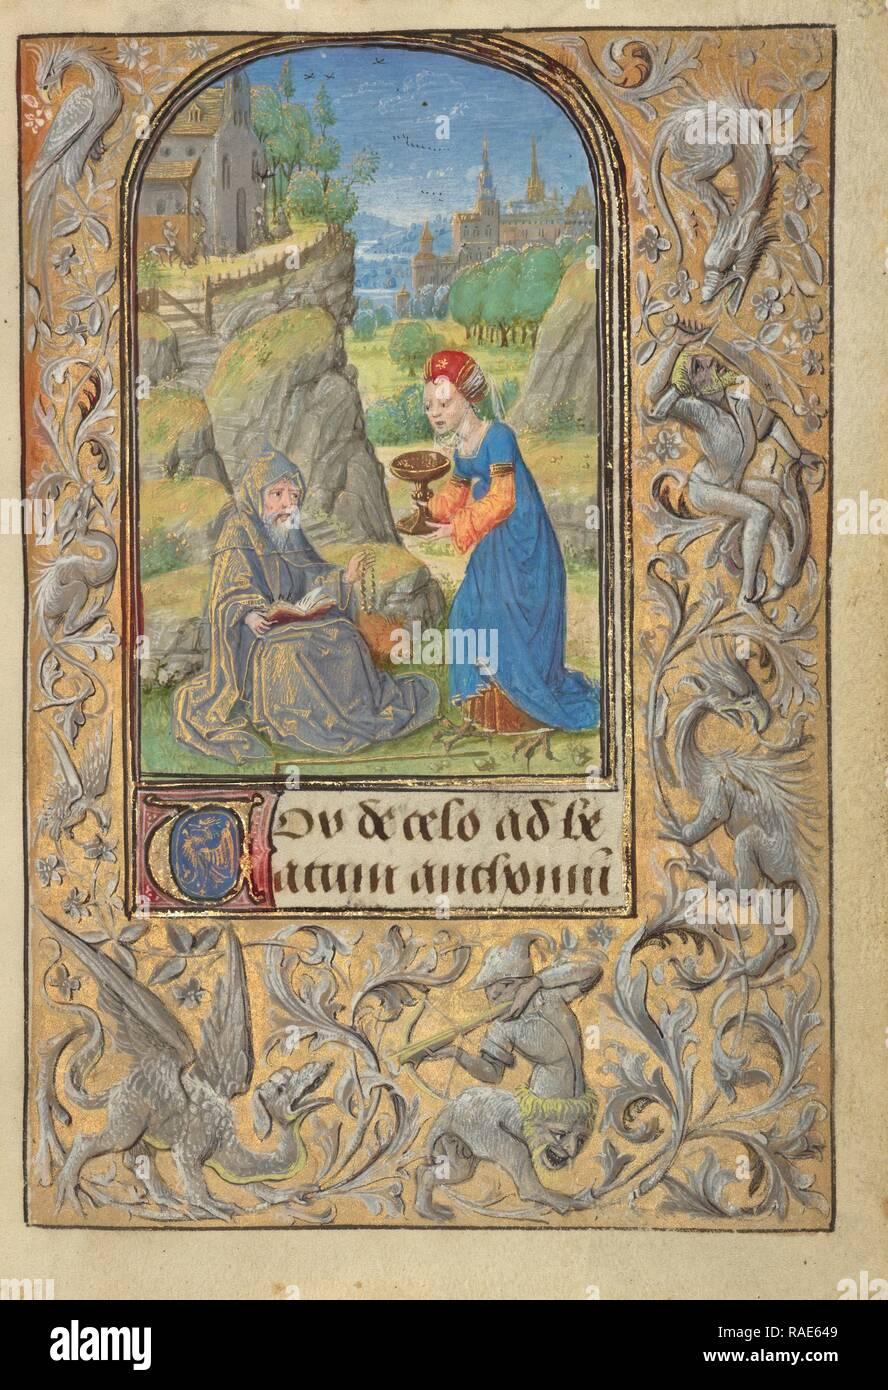 La Tentation de Saint Antoine, Lieven Van Lathem (flamande, sur 1430 - 1493), Anvers (allumé), Belgique, 1469 repensé Photo Stock